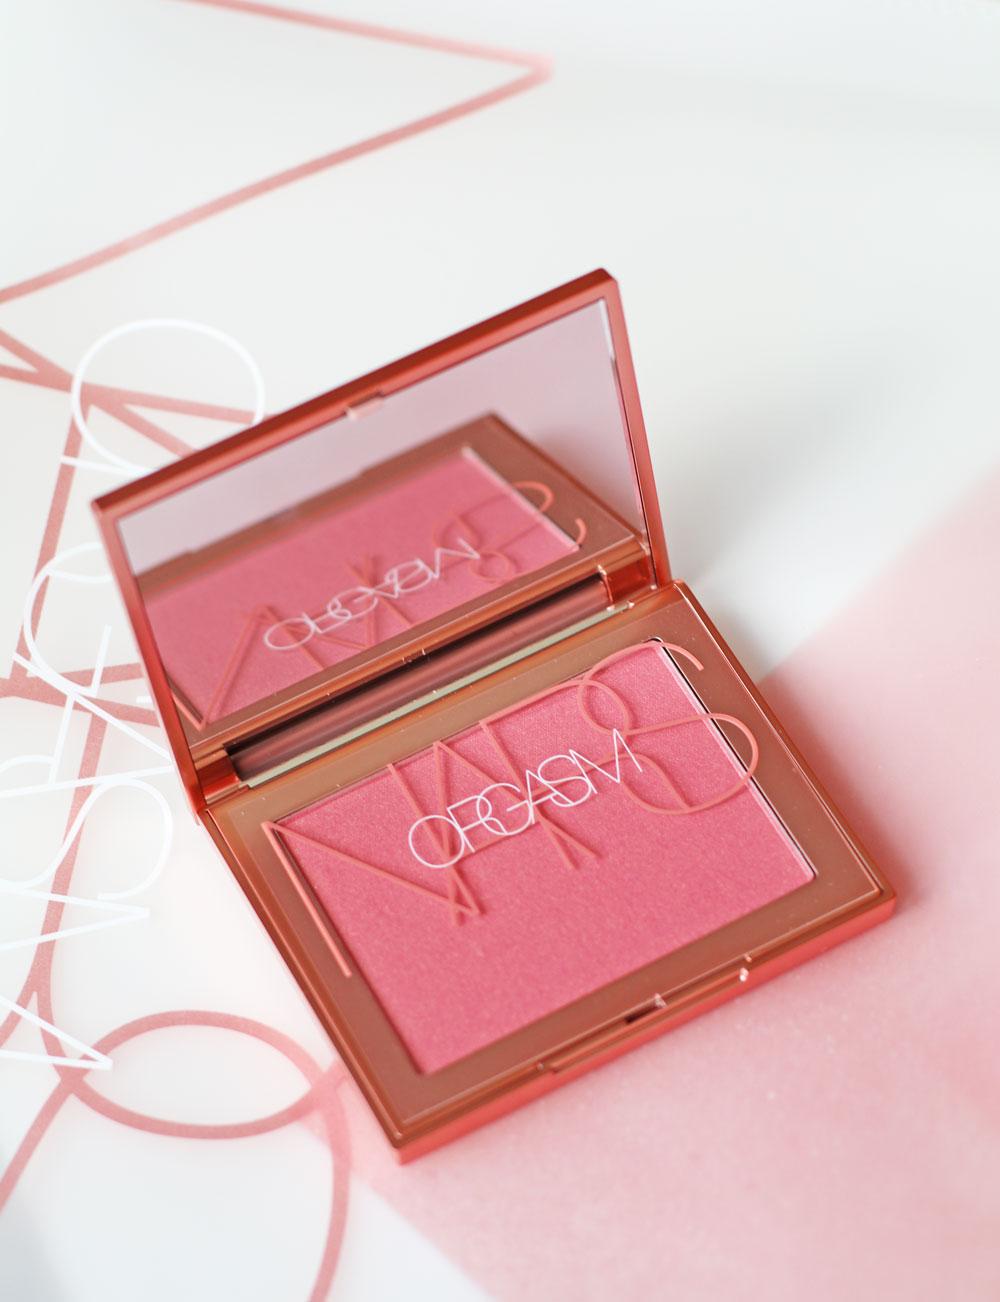 Die Kombination aus anrüchigem (und unverwechselbarem) Namen und hoher Qualität machen den Nars Orgasm seit 20 Jahren zum Must-Have von Makeup-Fans auf der ganzen Welt, darunter viele Promis!